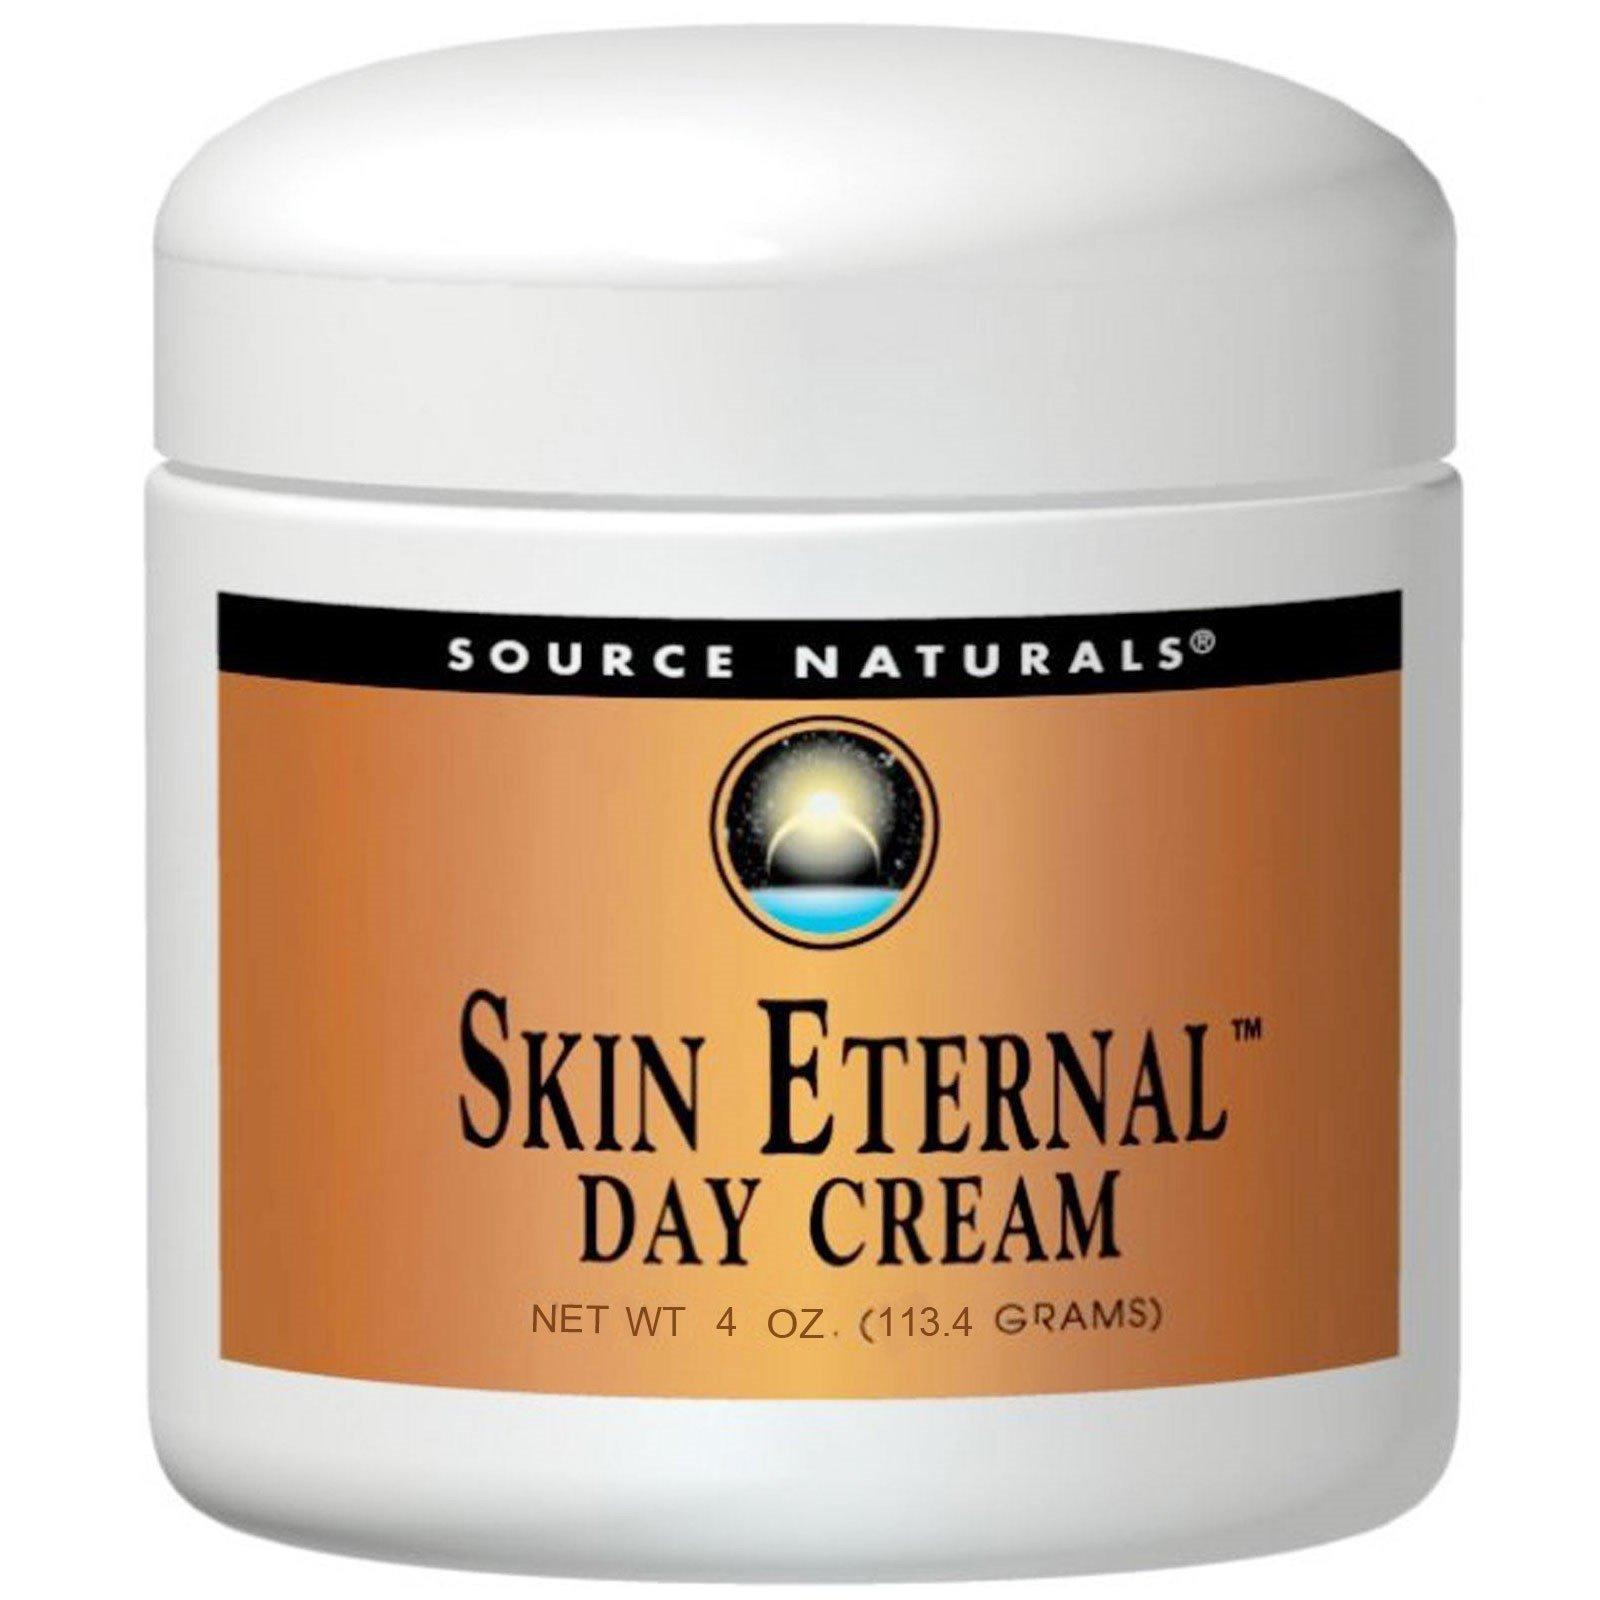 Source Naturals, Skin Eternal Day Cream, 4 oz (113.4 g) - 3PC